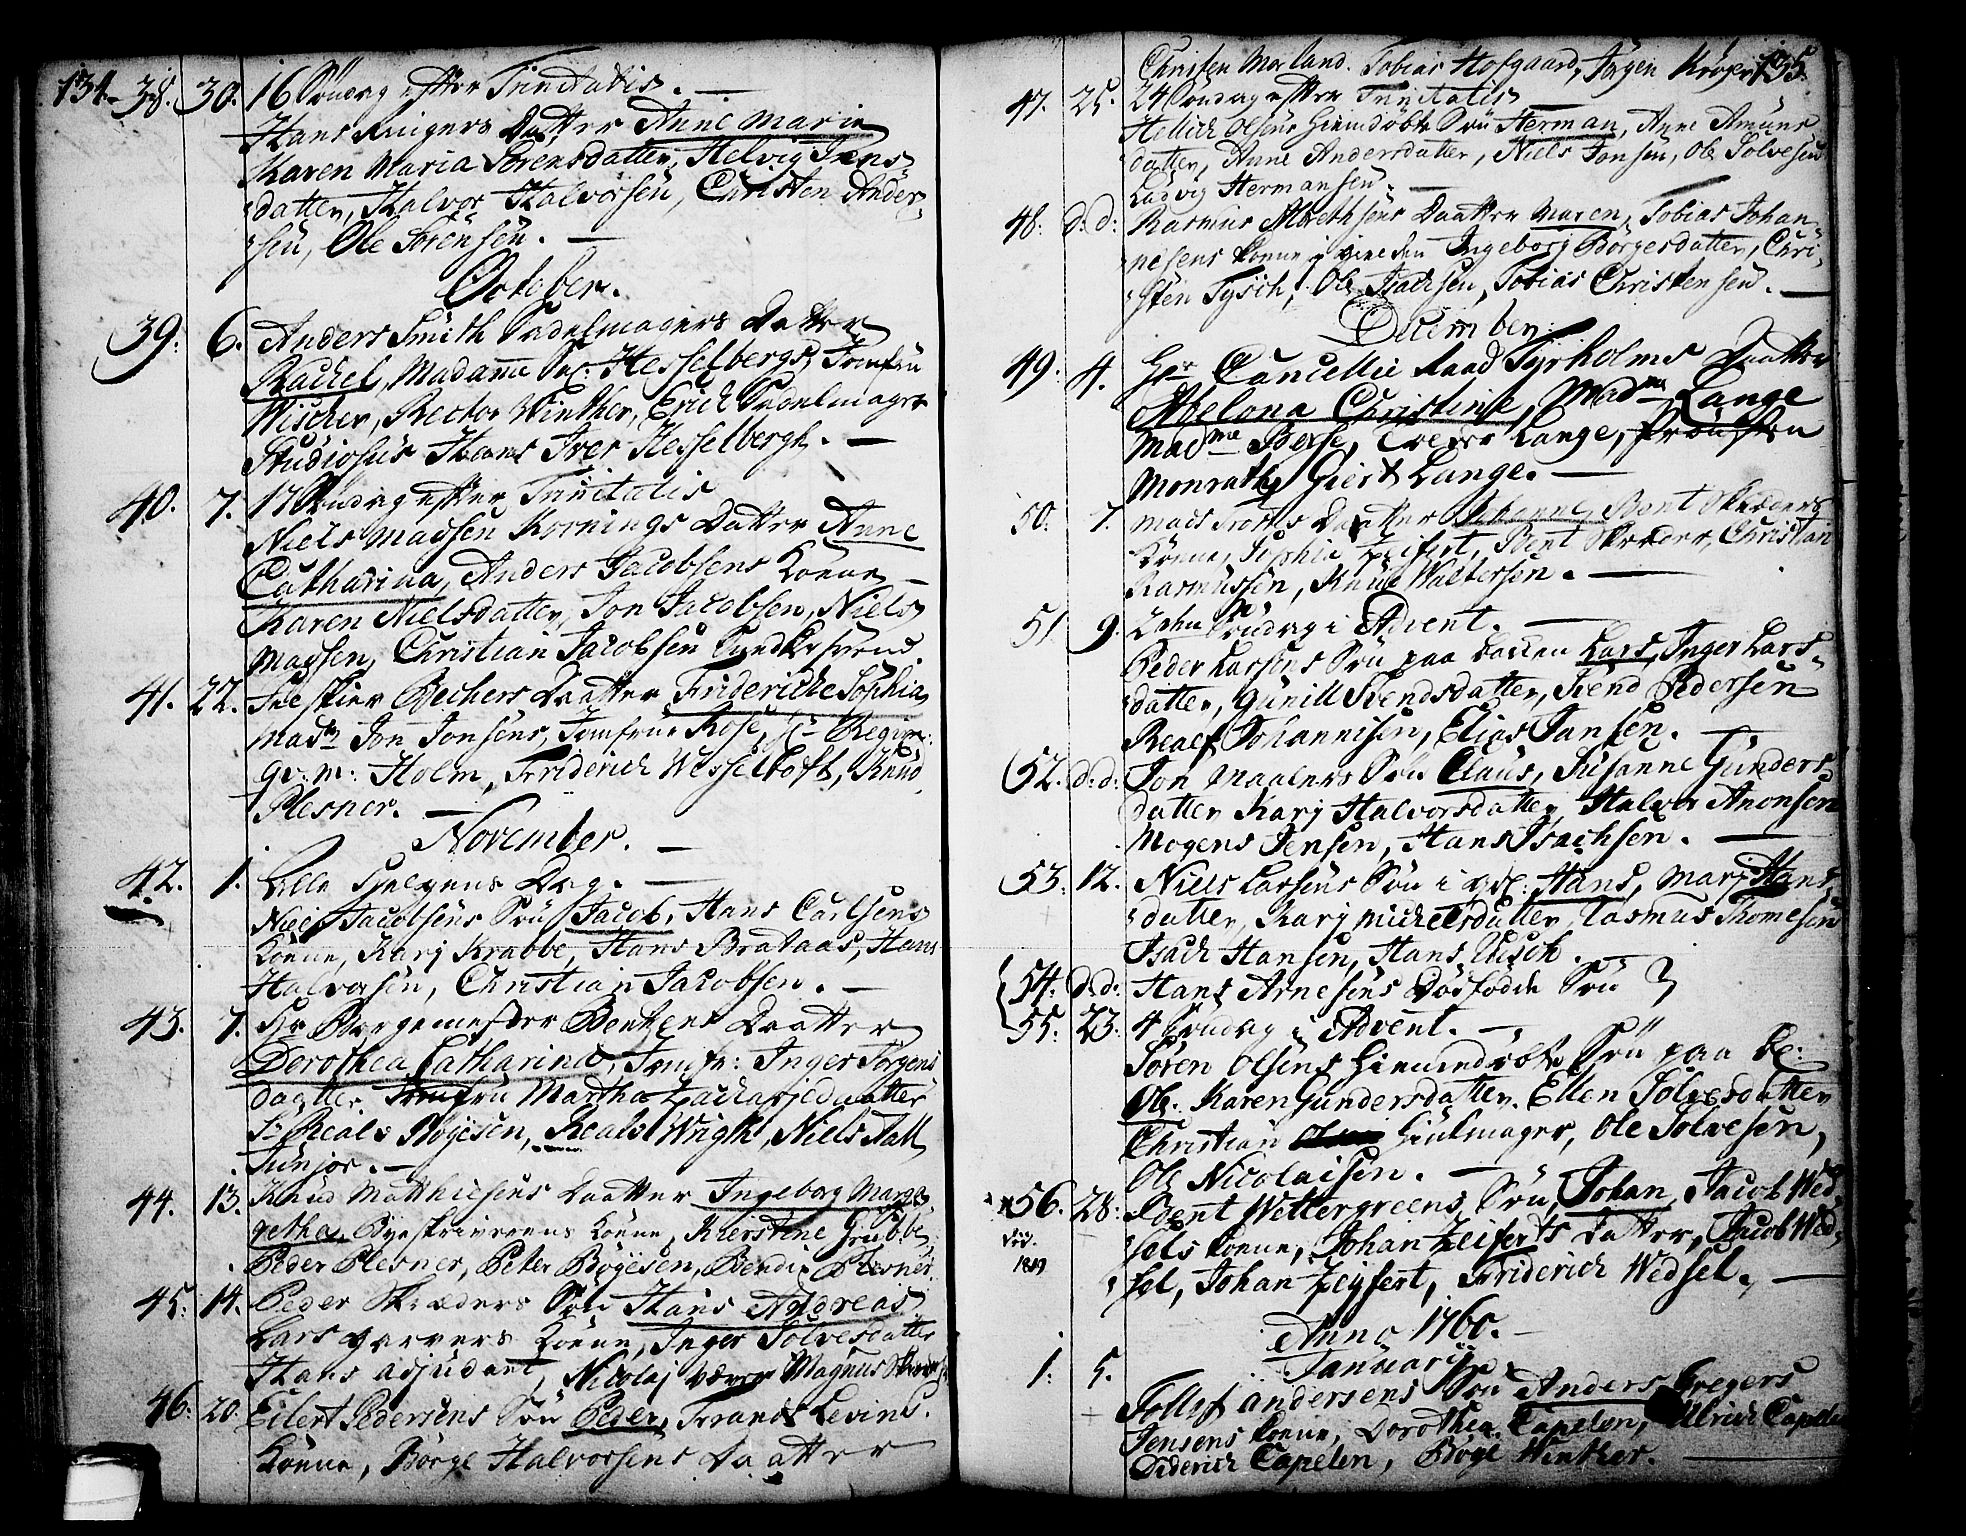 SAKO, Skien kirkebøker, F/Fa/L0003: Ministerialbok nr. 3, 1755-1791, s. 134-135